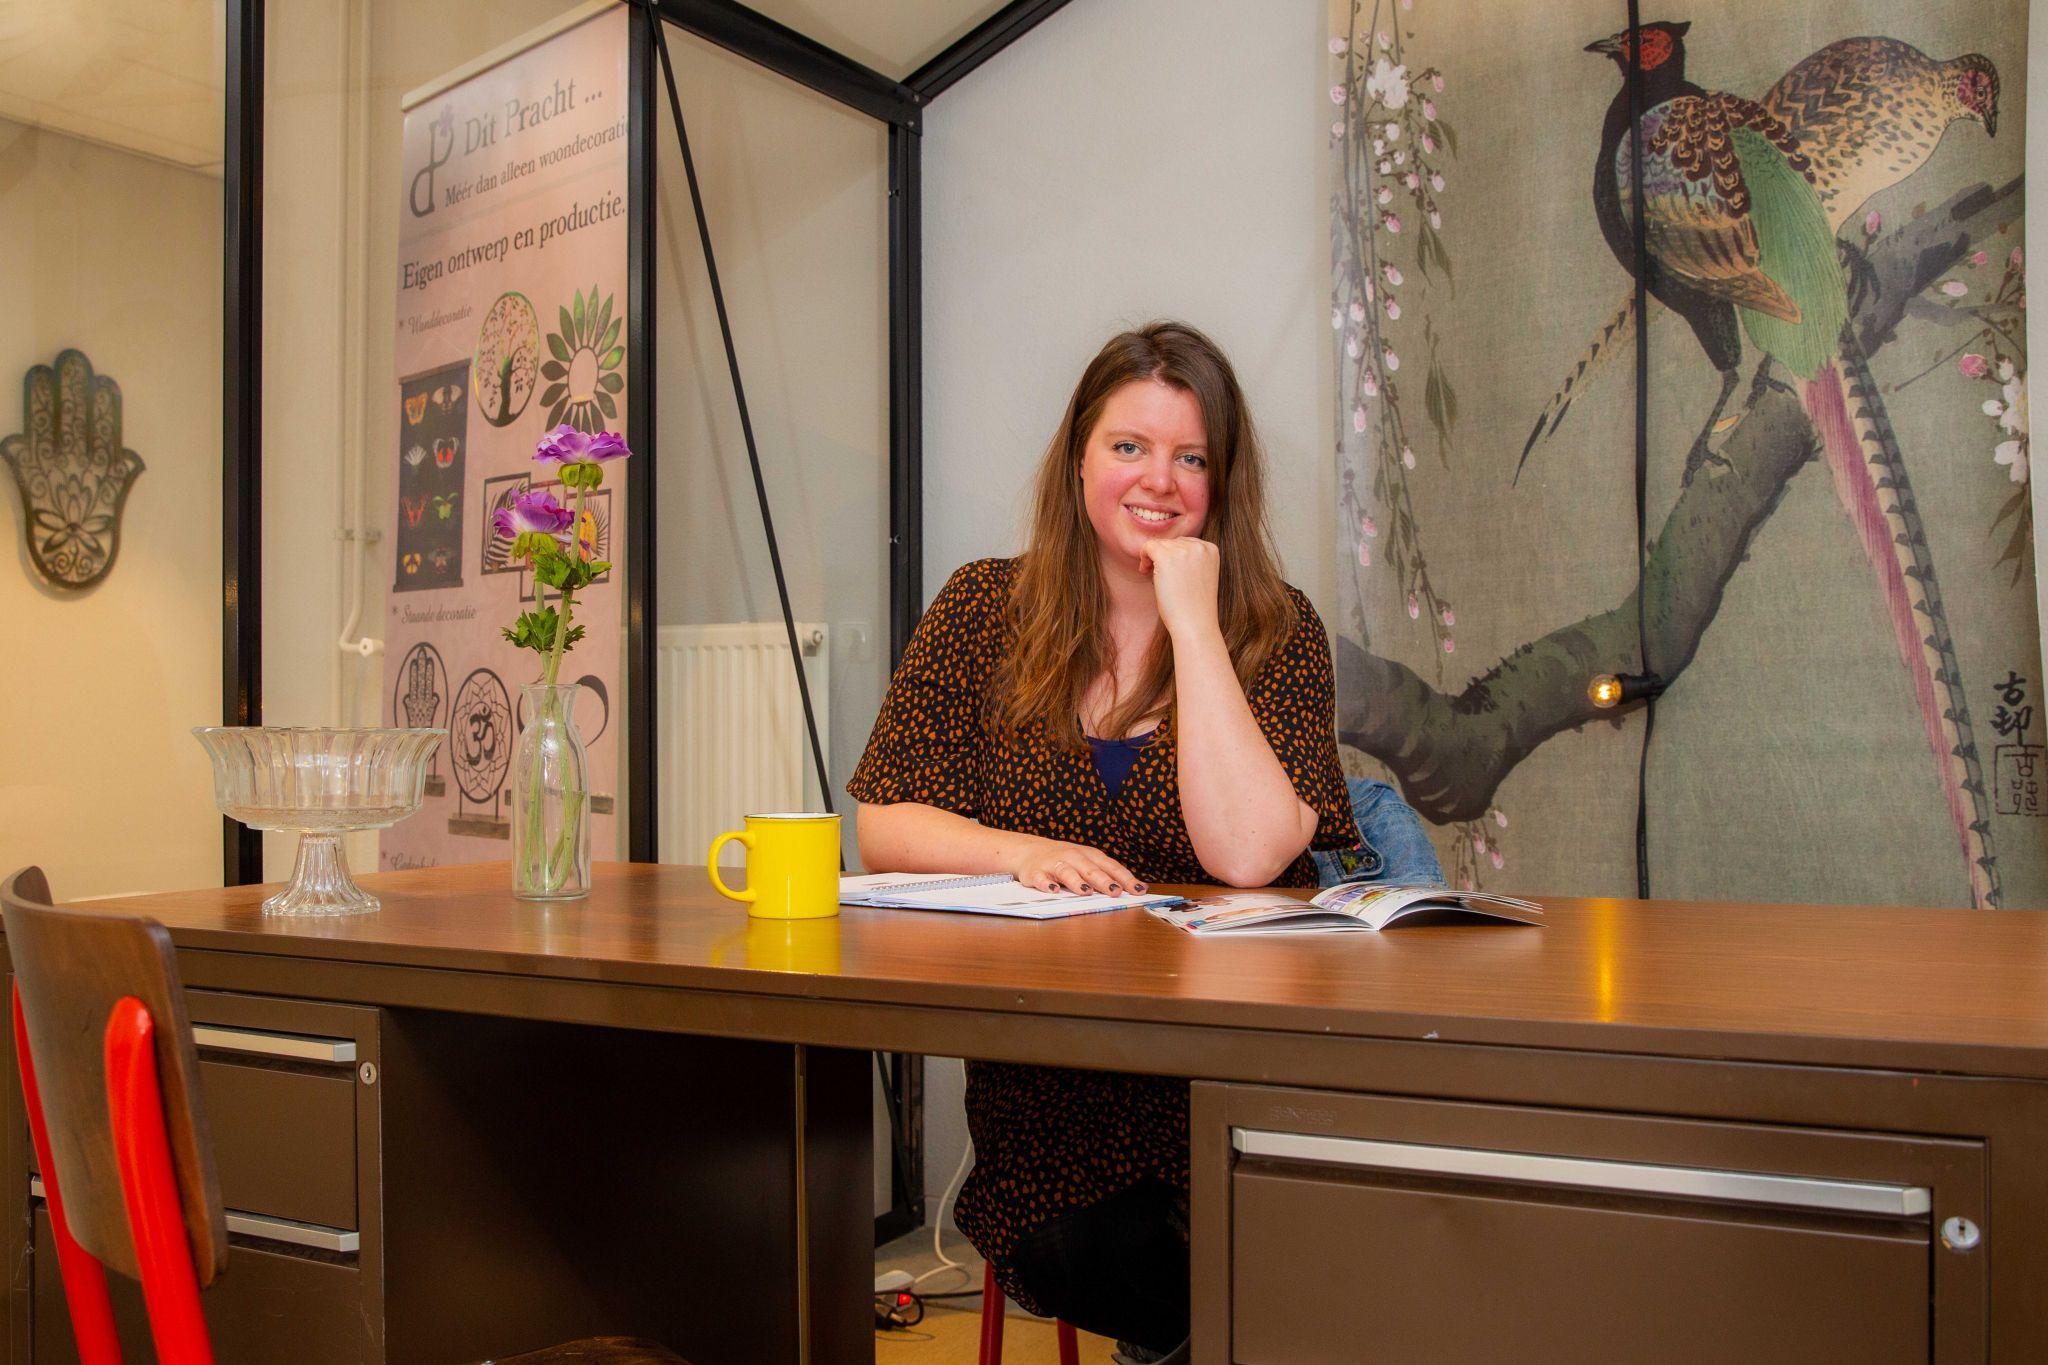 Startup Officer Imke de Korte